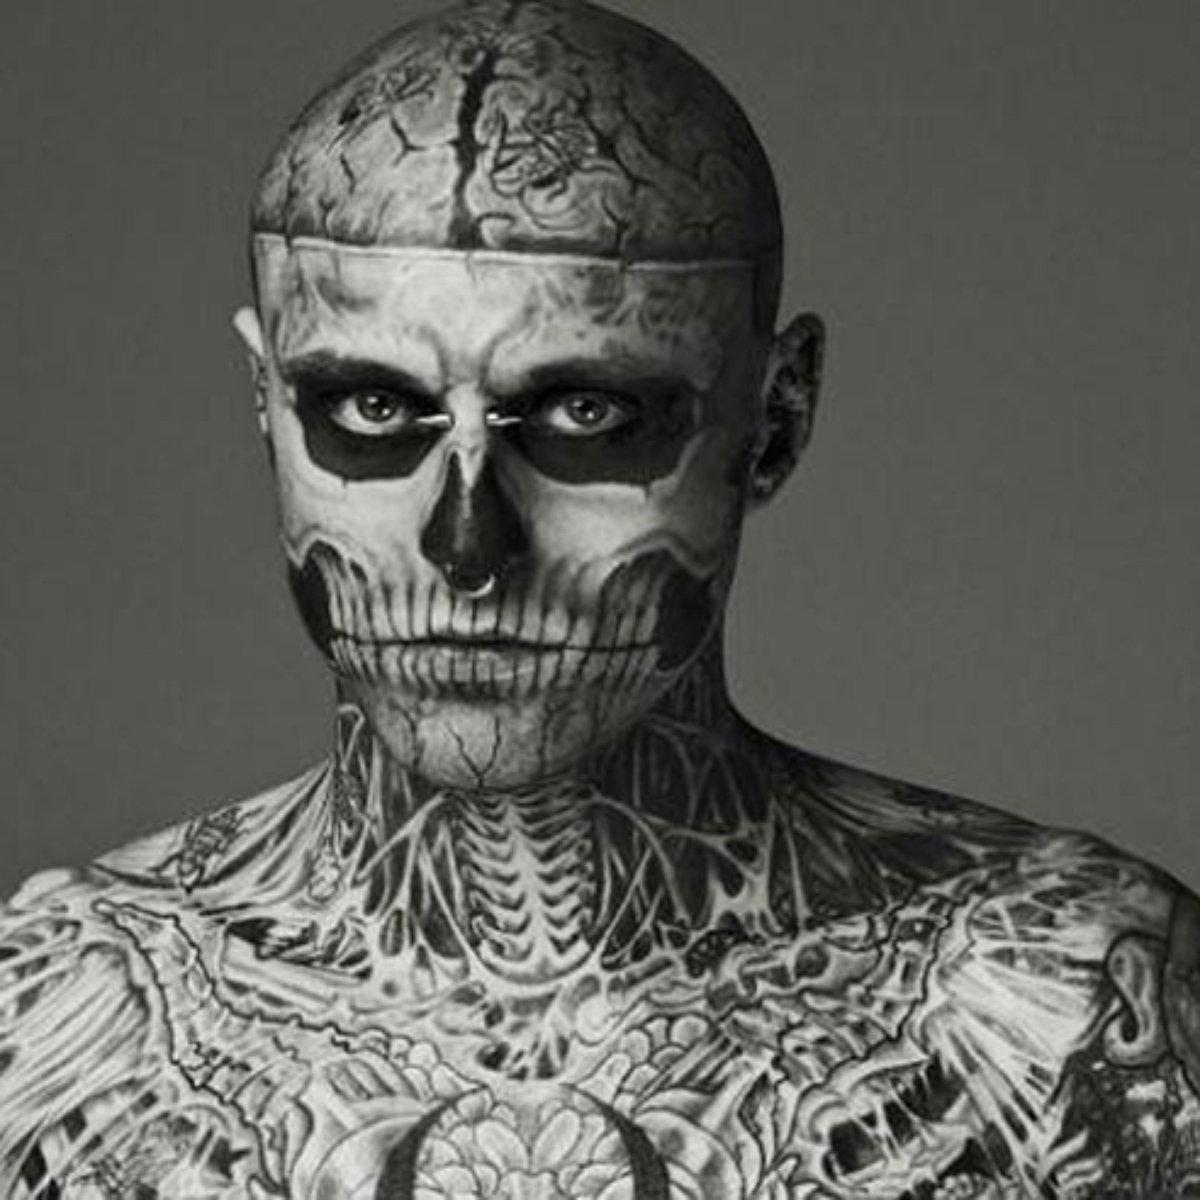 Cantor Todo Tatuado Brasileiro morte de zombie boy encerra carreira fantástica na moda